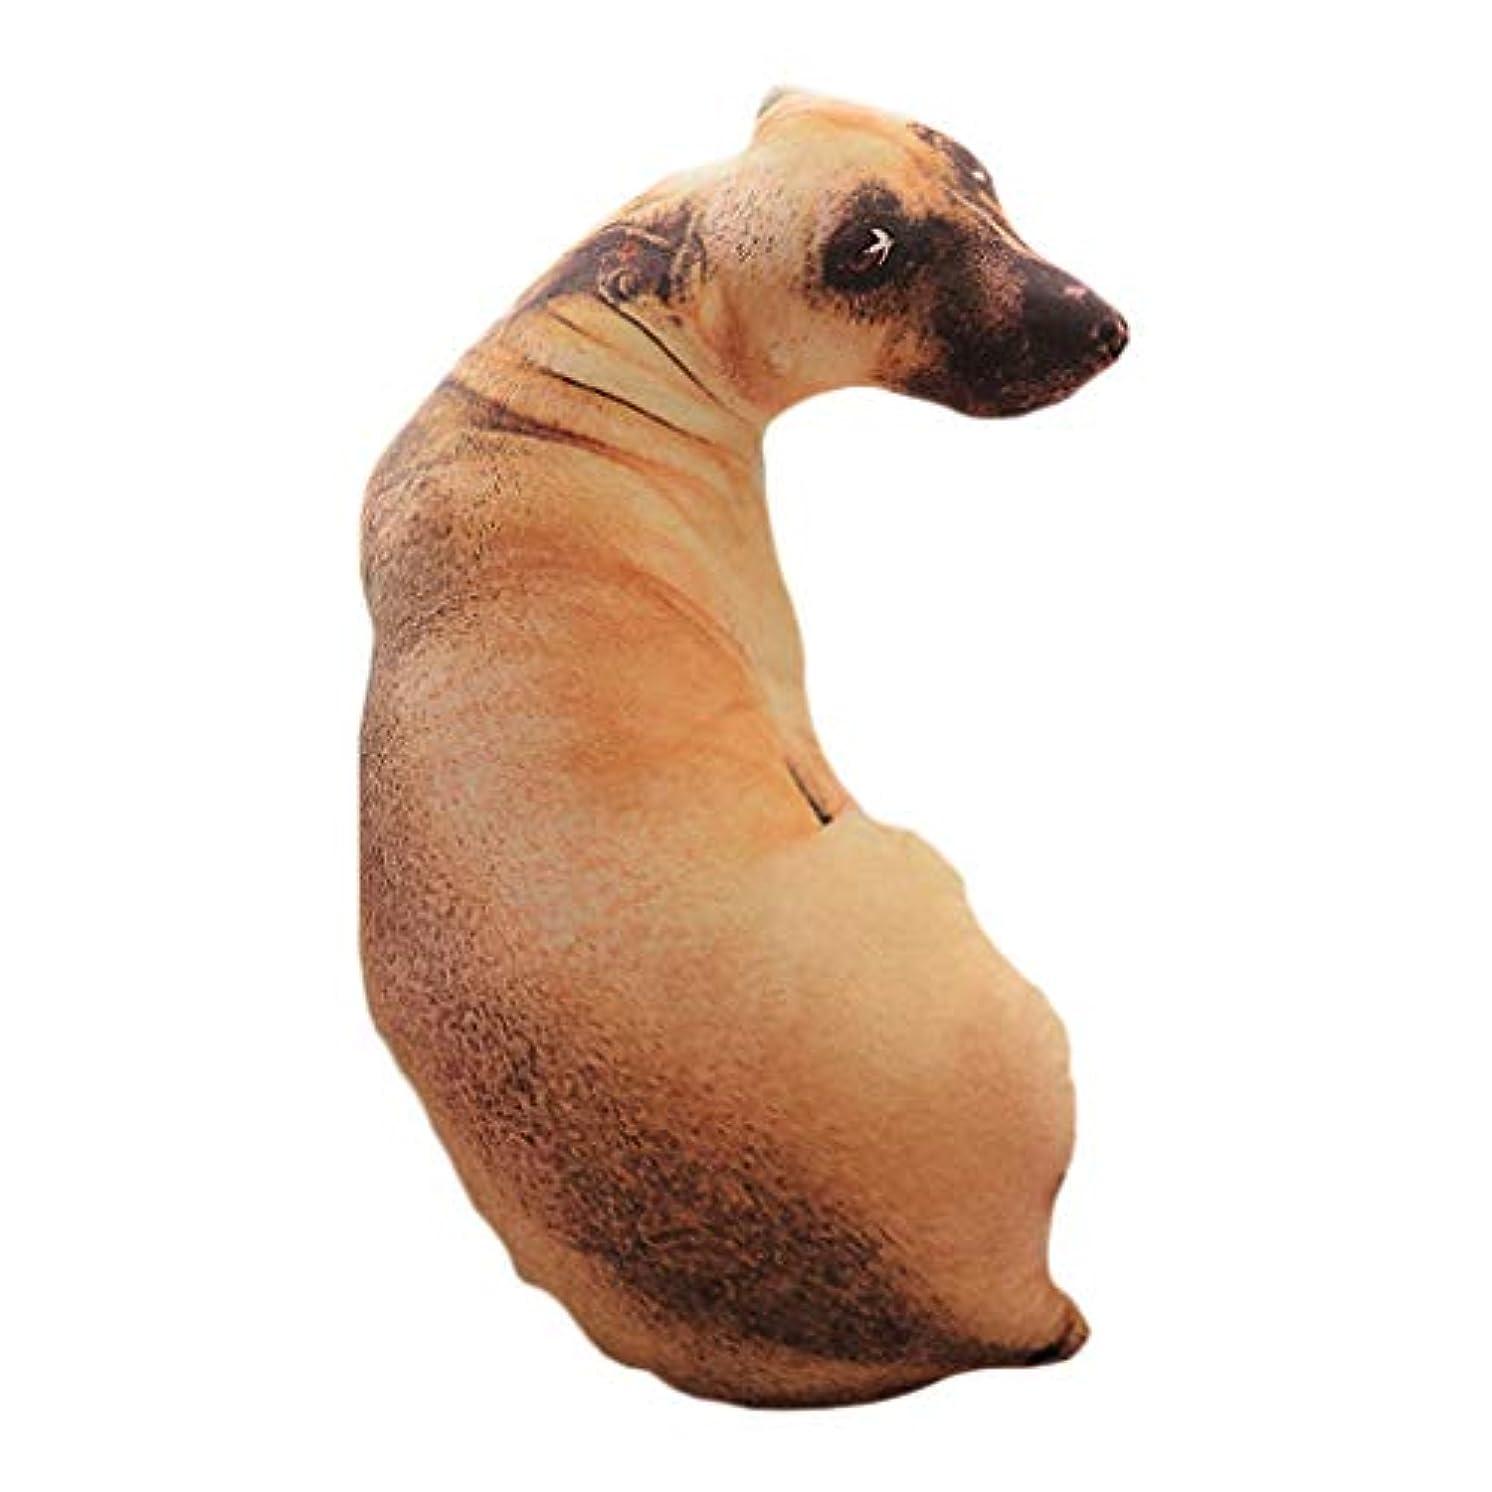 増加する些細圧力LIFE 装飾クッションソファおかしい 3D 犬印刷スロー枕創造クッションかわいいぬいぐるみギフト家の装飾 coussin decoratif クッション 椅子